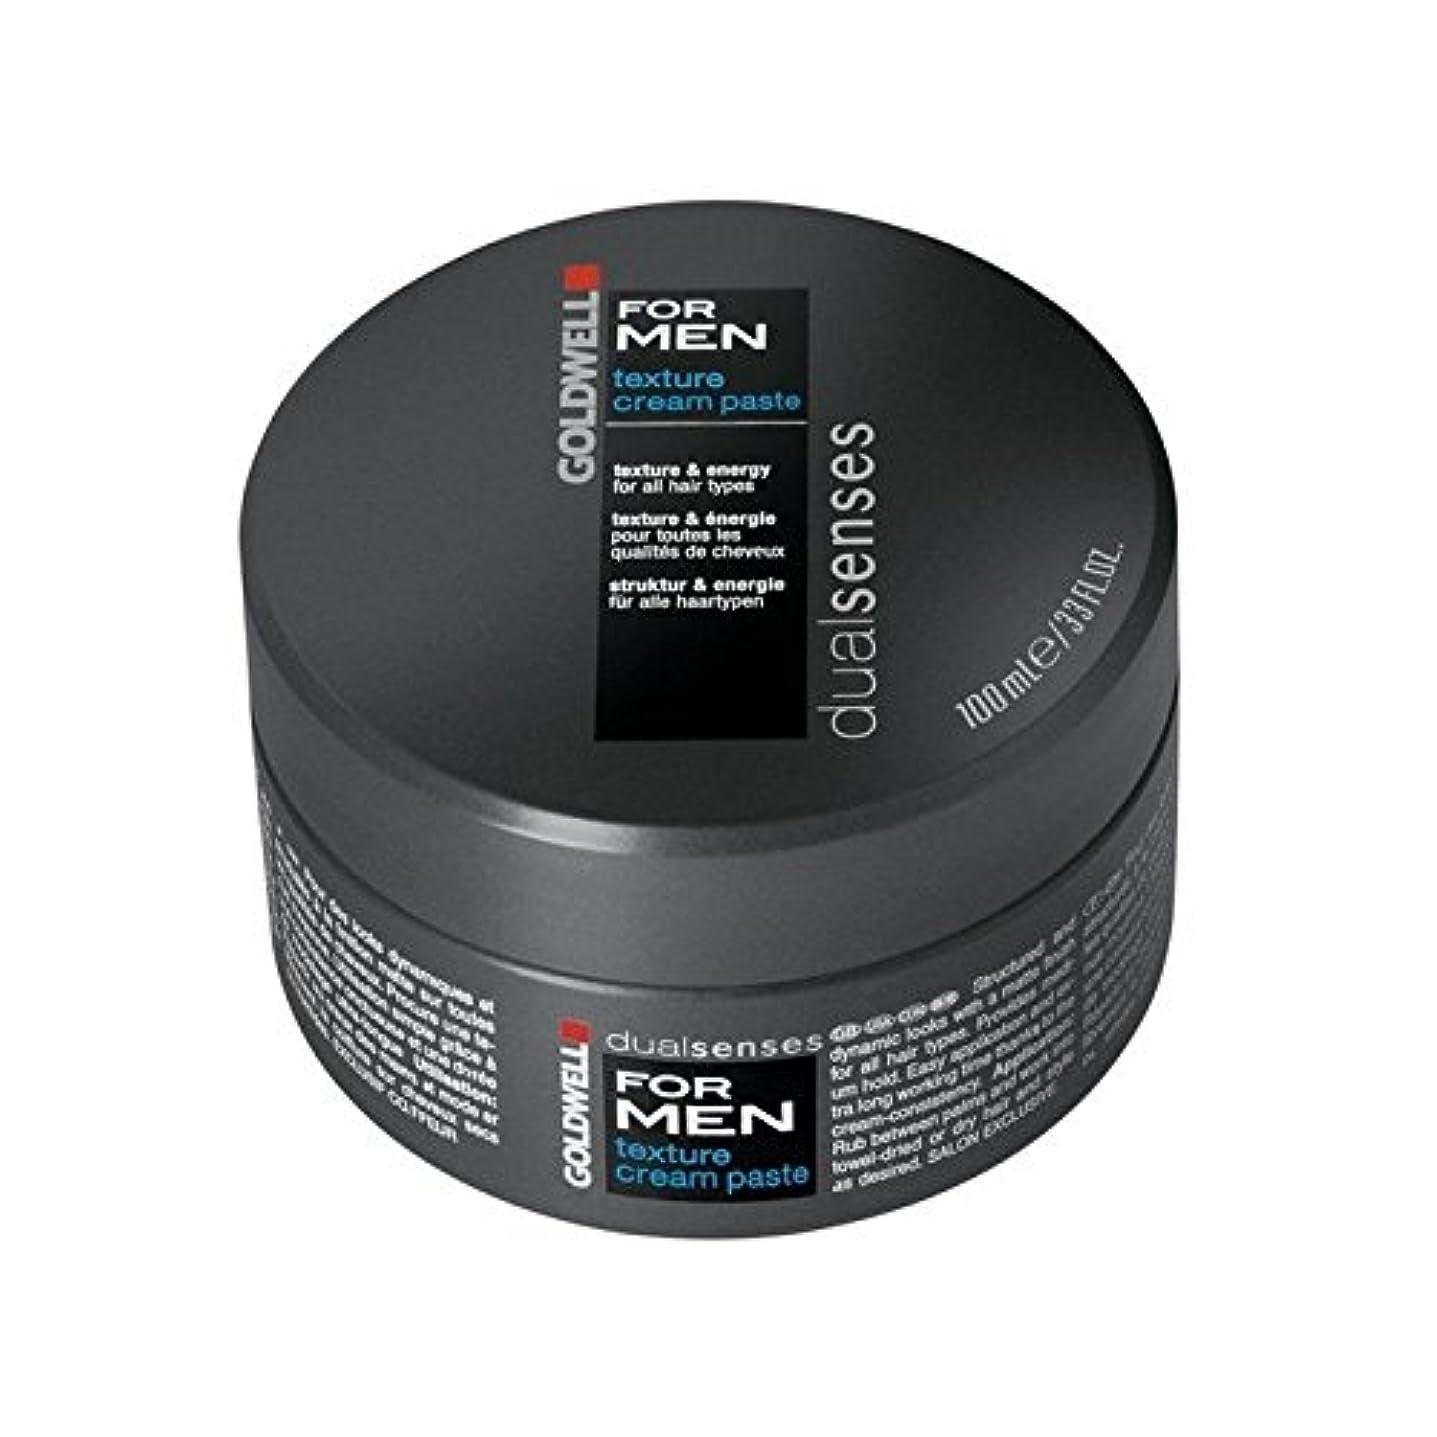 代わって聴くうがい男性のテクスチャーのクリームペースト(100ミリリットル)のためのの x4 - Goldwell Dualsenses For Men Texture Cream Paste (100ml) (Pack of 4) [並行輸入品]